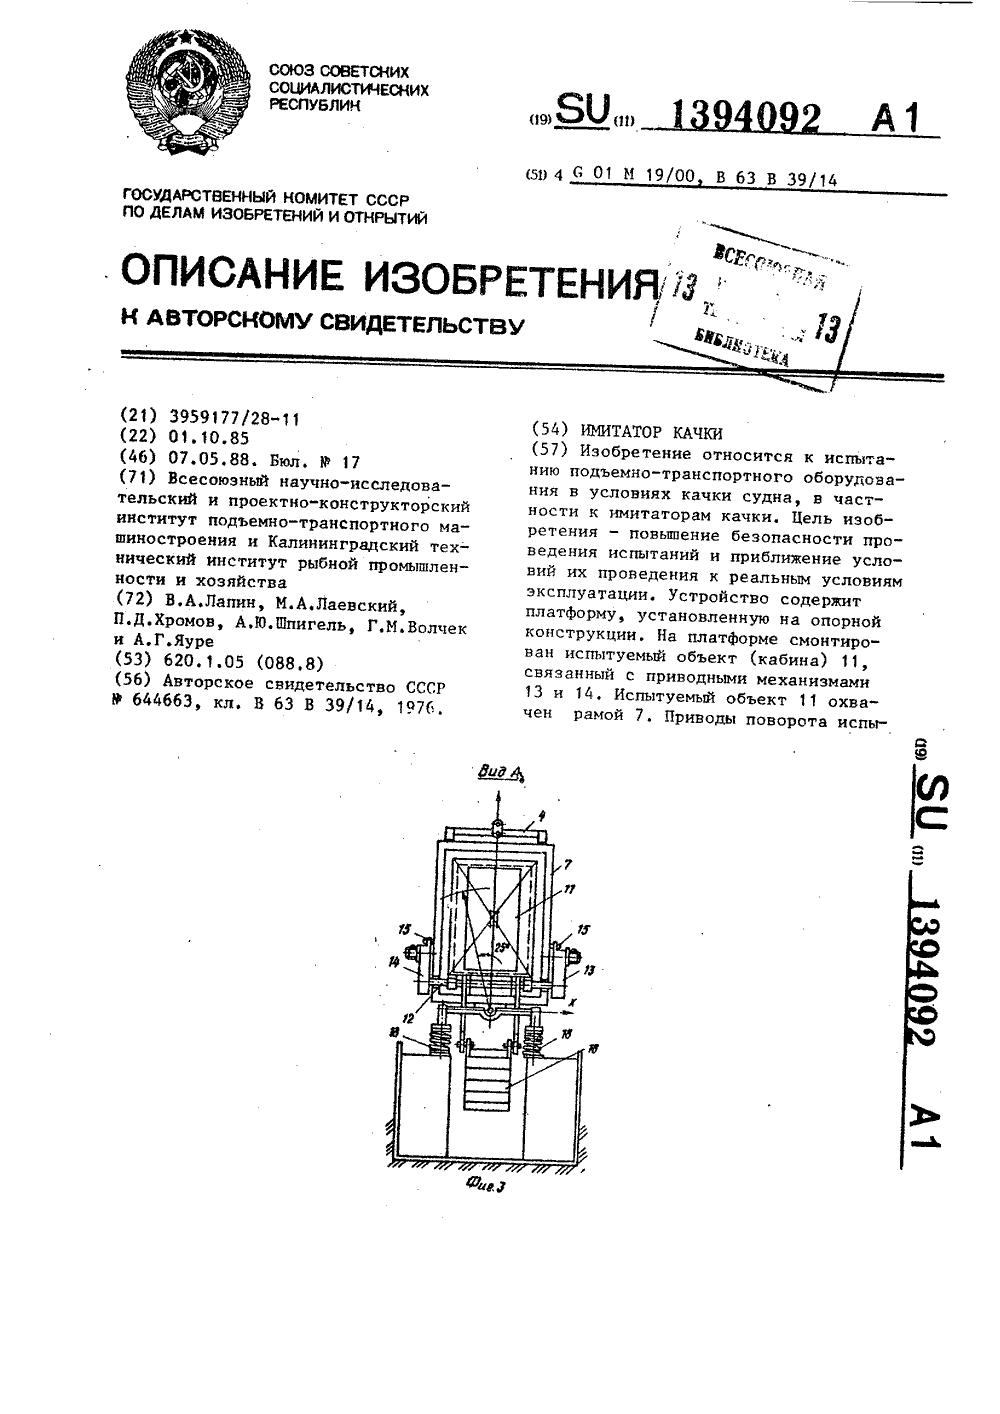 имитатор термодатчика автомобиля схема